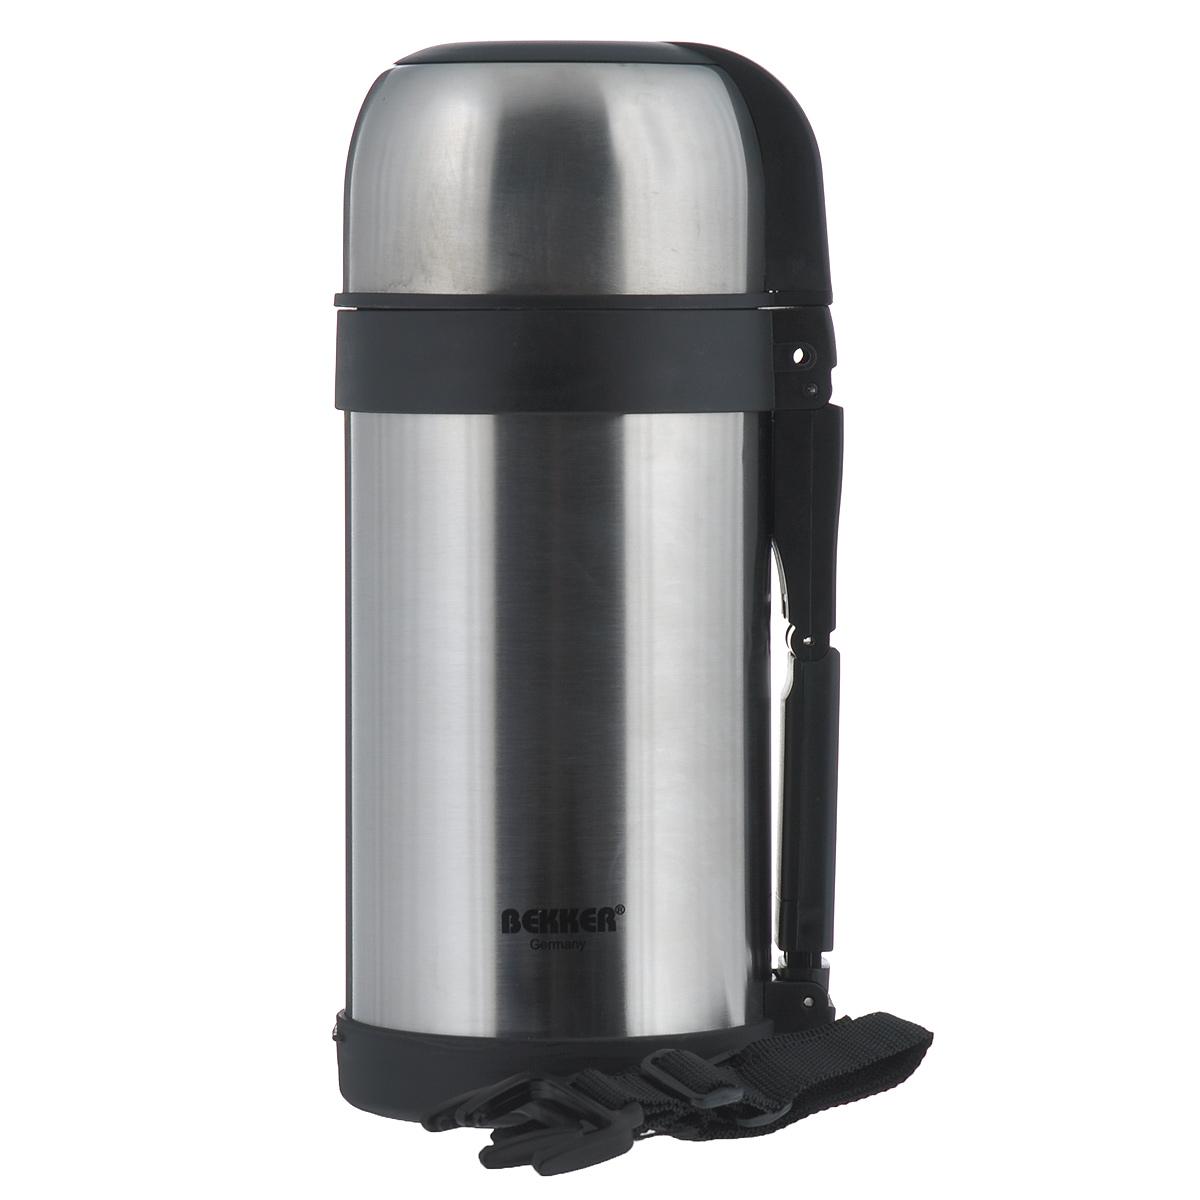 Термос Bekker с широким горлом, 1,2 лBK-77Термос с широким горлом Bekker, изготовленный из высококачественной нержавеющей стали 18/8. Двойные стенки обеспечивают долгое сохранение температуры напитка (6 часов - 75°С, 12 часов - 66°С, до 24 часов - 48°С). Подходит для напитков и для пищи. Благодаря вакуумной кнопке внутри создается абсолютная герметичность, что предотвращает проливание напитков. Крышка плотно закручивается. Верхнюю крышку можно использовать в качестве чаши для напитка. Имеется удобная ручка и съемный ремень.Стильный функциональный термос будет незаменим в дороге, на пикнике. Его можно взять с собой куда угодно, и вы всегда сможете наслаждаться горячим домашним напитком или пищей.